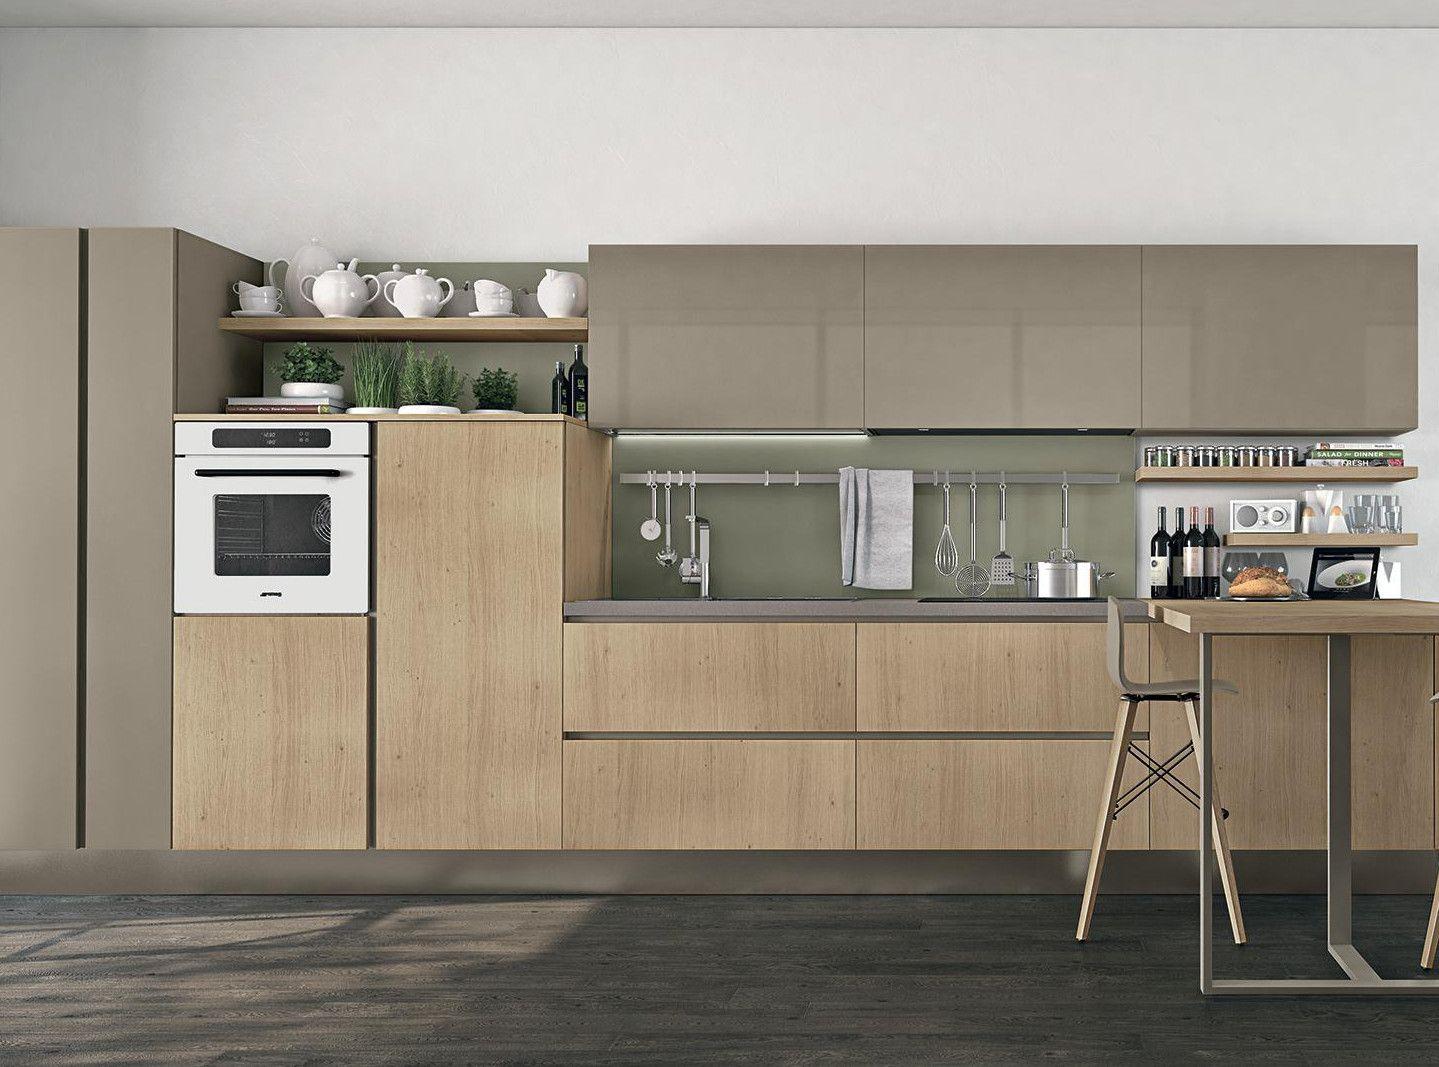 Una vasta scelta di cucine moderne da personalizzare secondo i